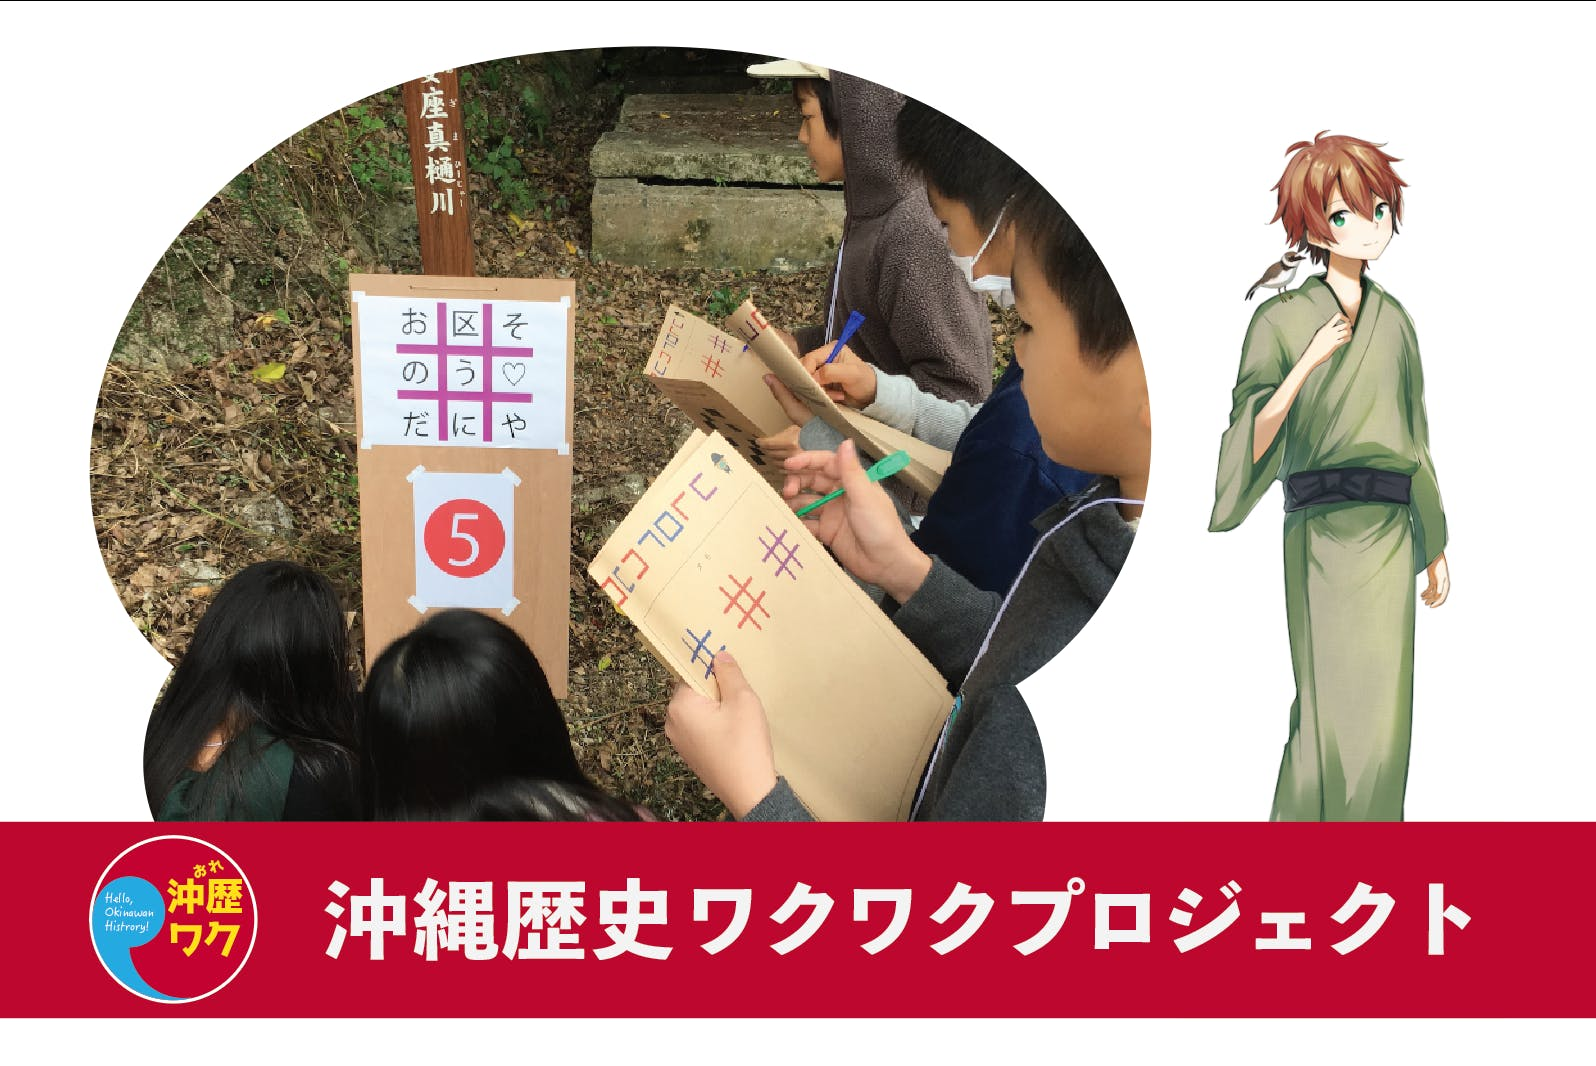 沖縄の歴史を知るための謎解きゲームを子どもたちに届ける!